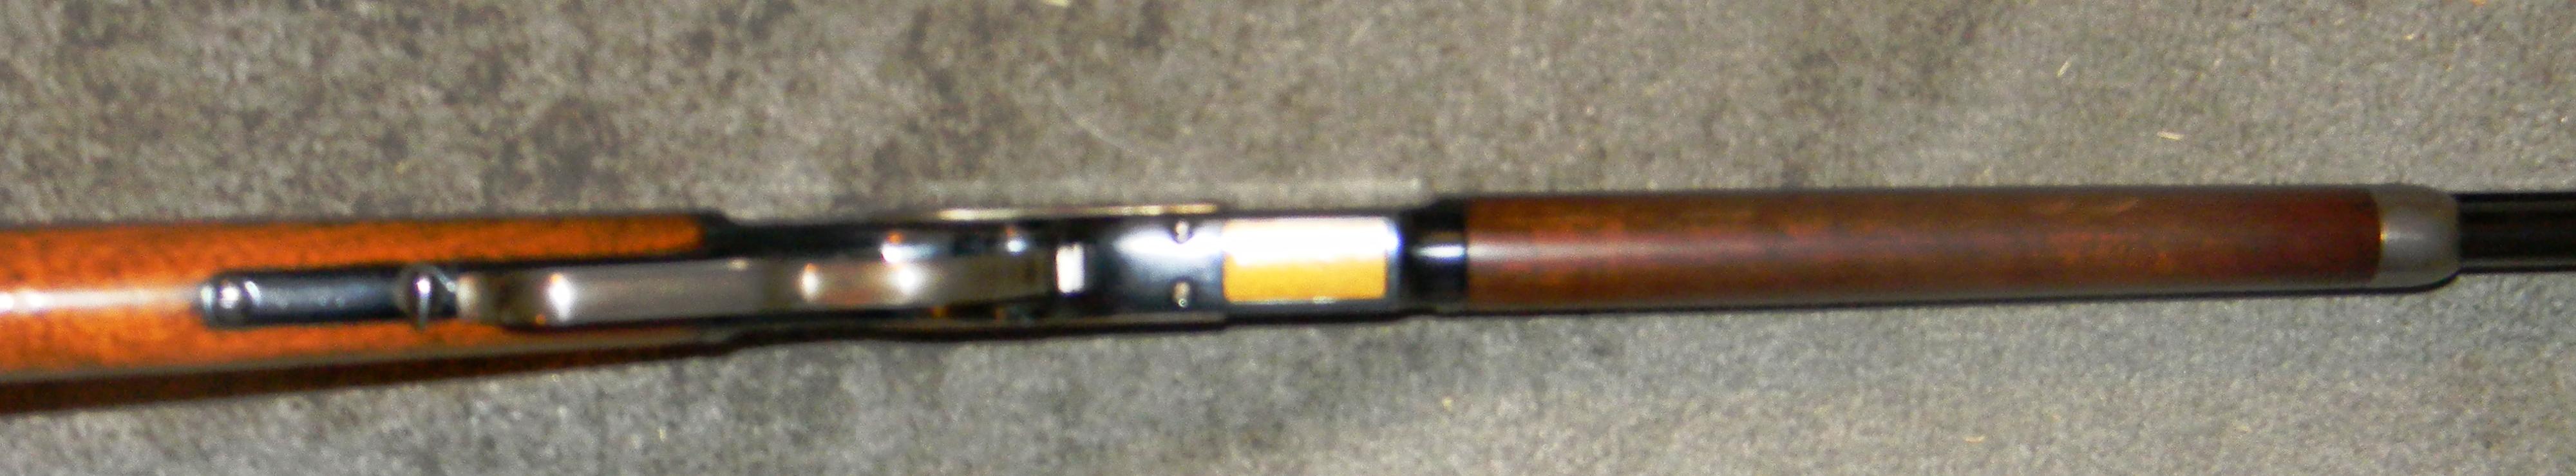 Rifle_a.JPG